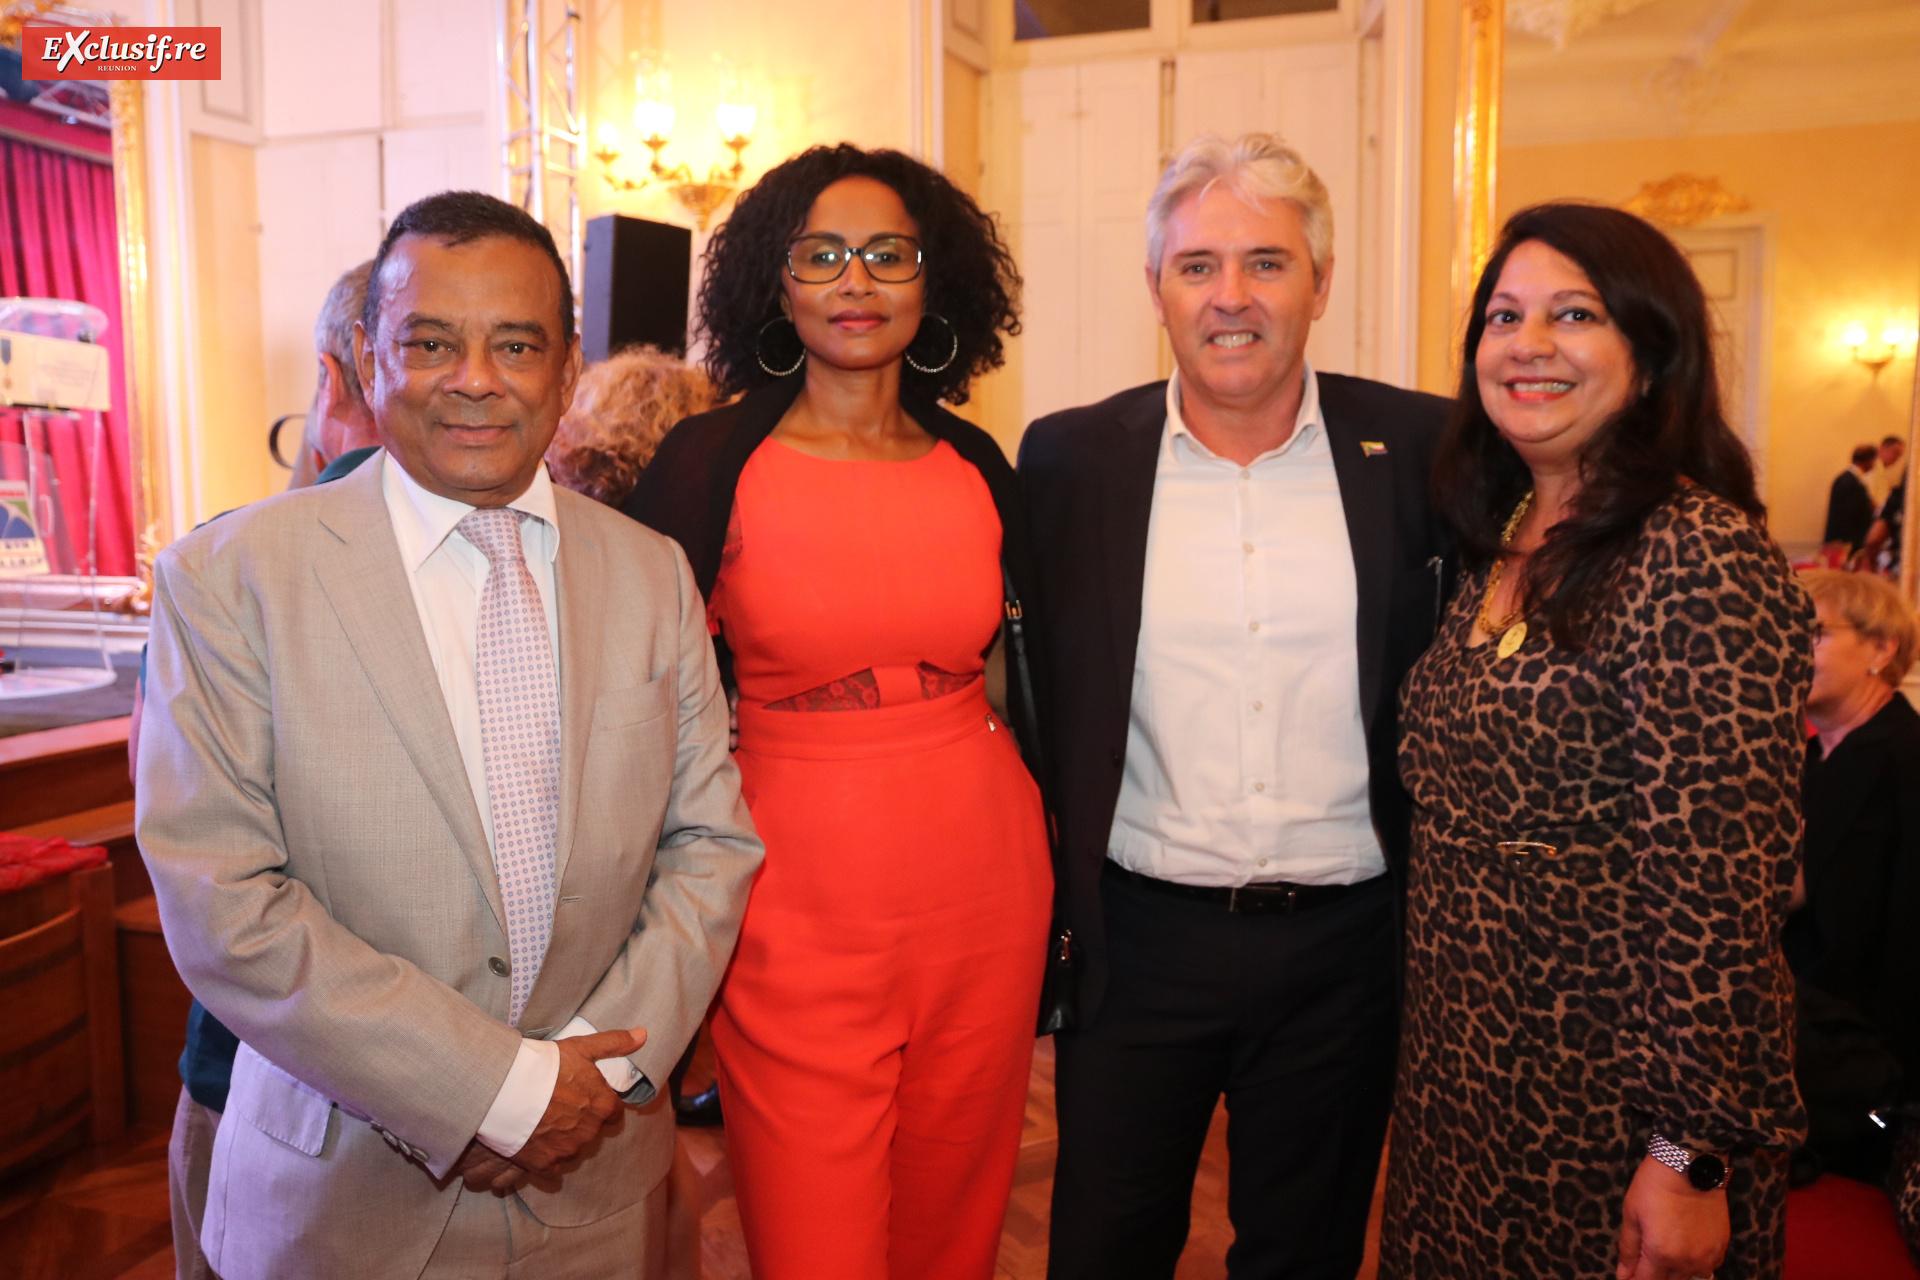 Ivan Collendavelloo, Premier Ministre adjoint de l'île Maurice, Faouzia Vitry, vice-présidente de la Région, Didier Broca, consul honoraire des Comores, et Raziah Locate